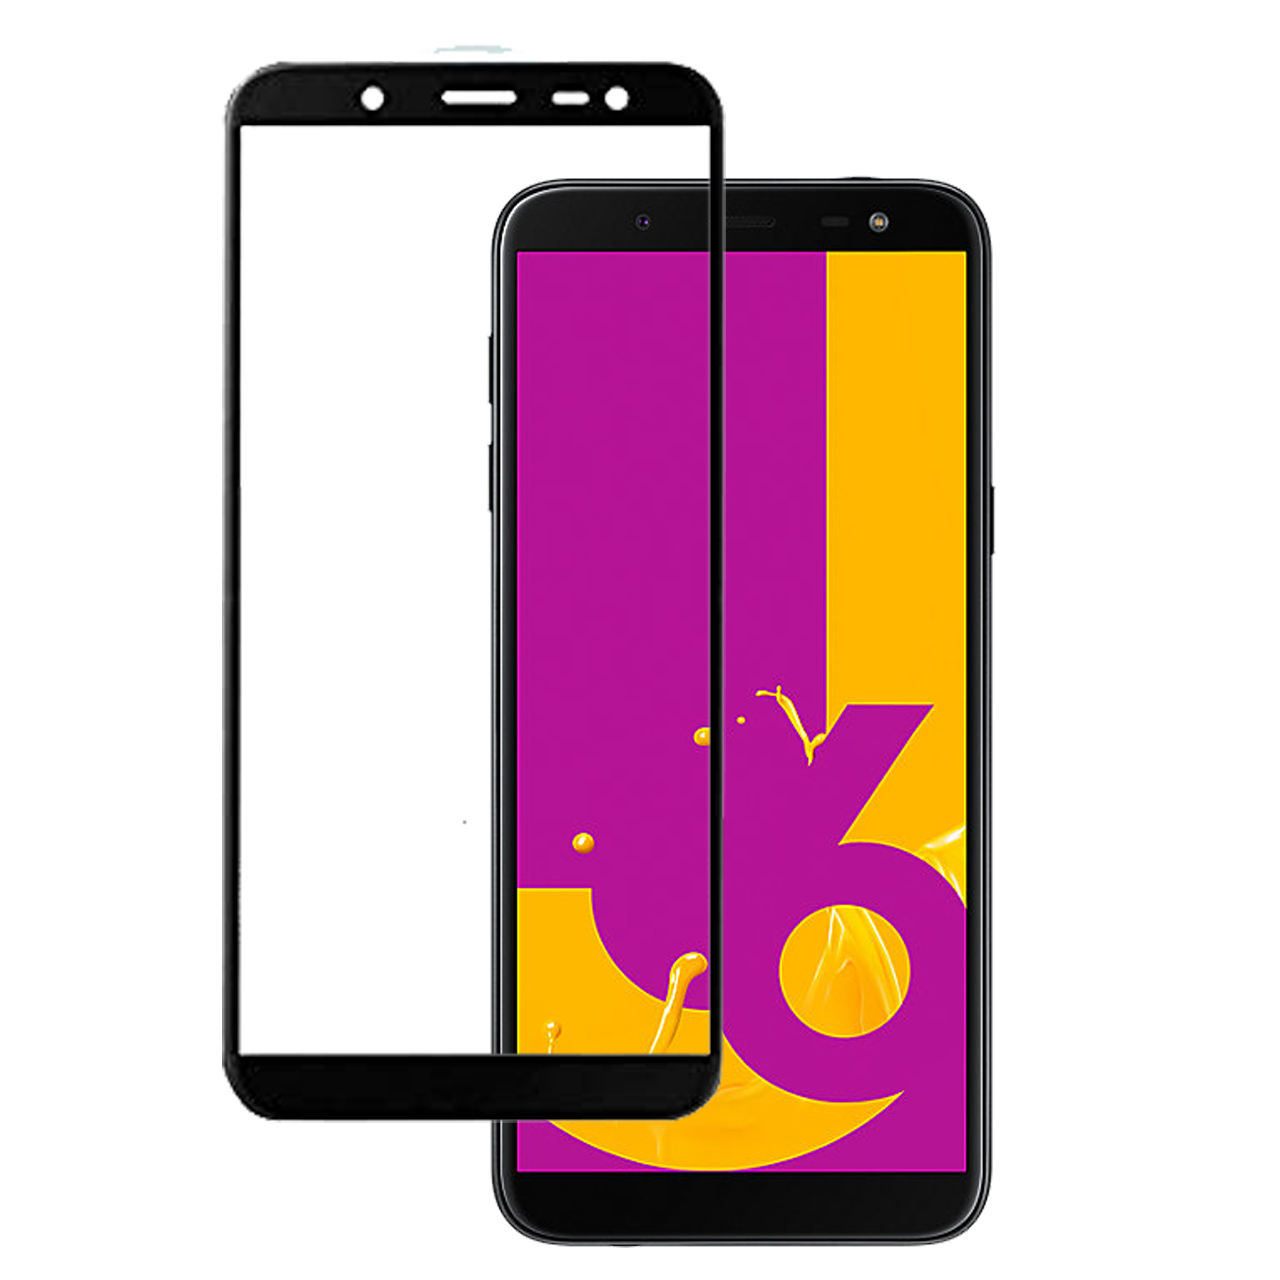 محافظ صفحه نمایش شیشه ای مدل 5D مناسب برای گوشی سامسونگ J6 2018                     غیر اصل